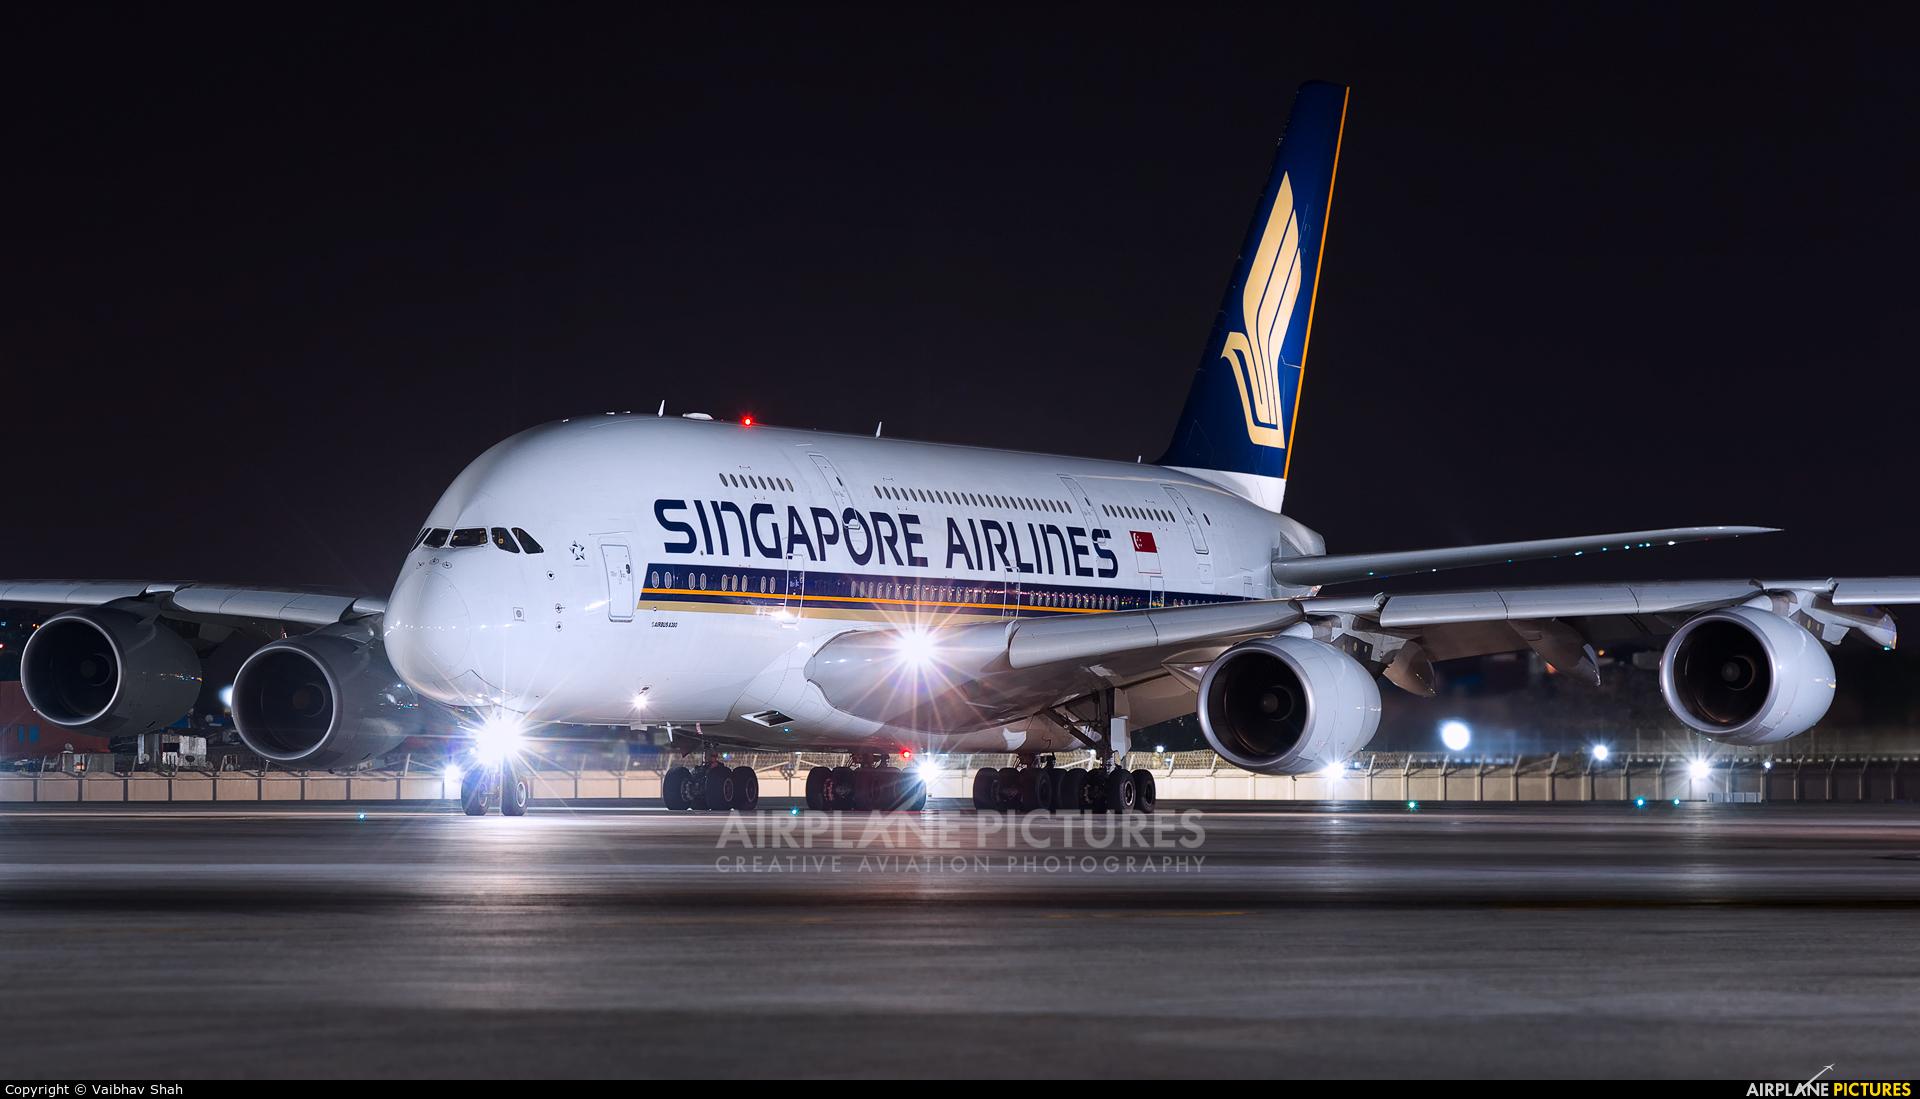 Singapore Airlines 9V-SKE aircraft at Mumbai - Chhatrapati Shivaji Intl